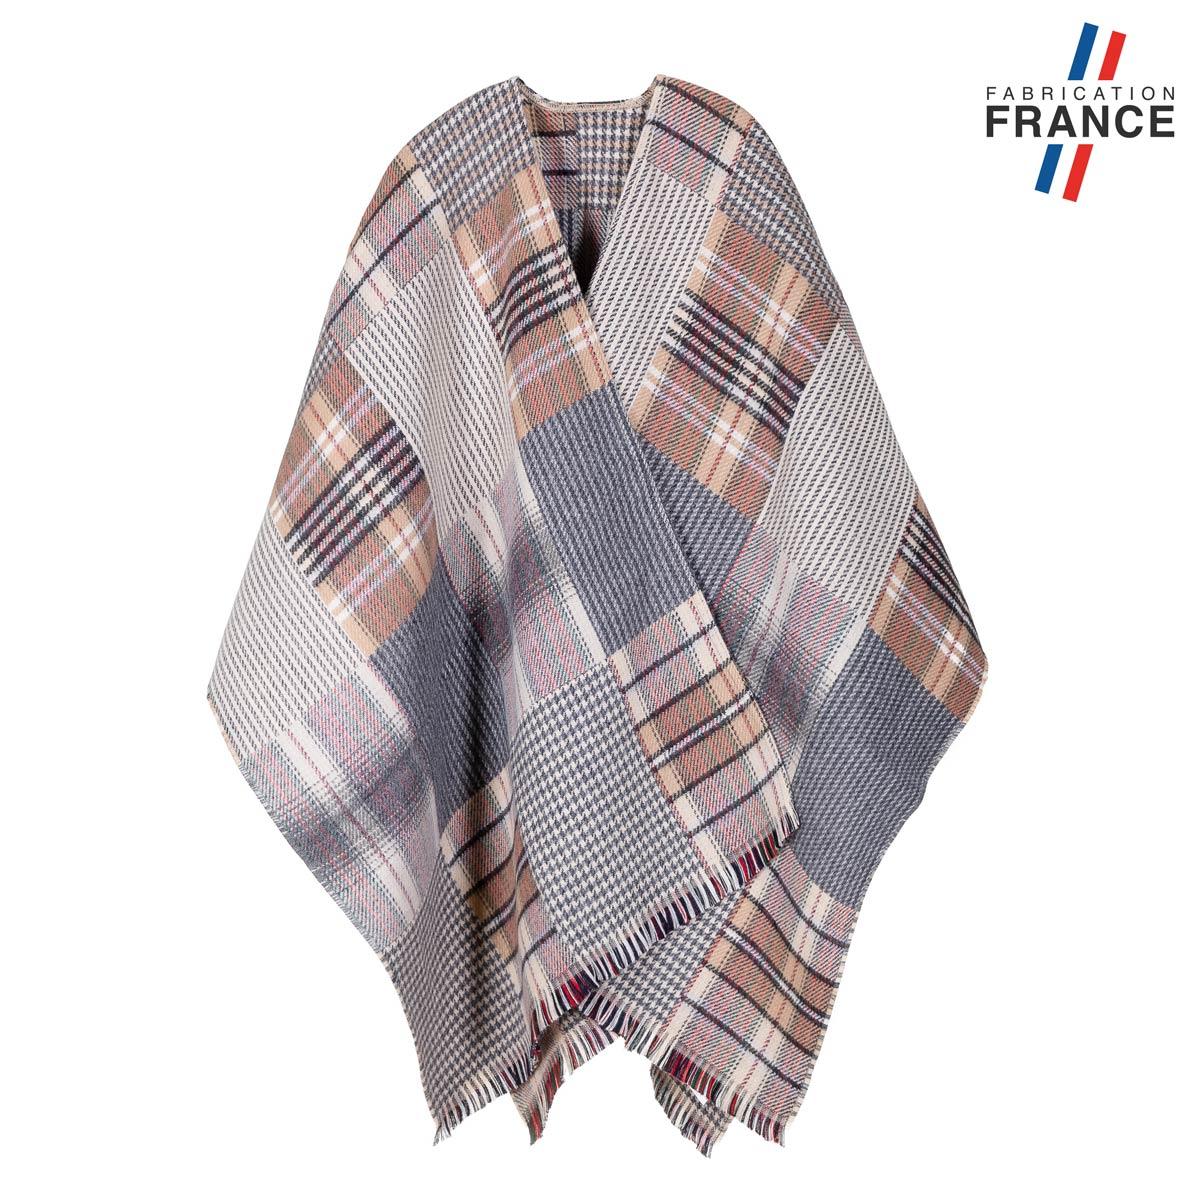 AT-06168-F12-LB_FR-poncho-hiver-fantaisie-beige-et-gris